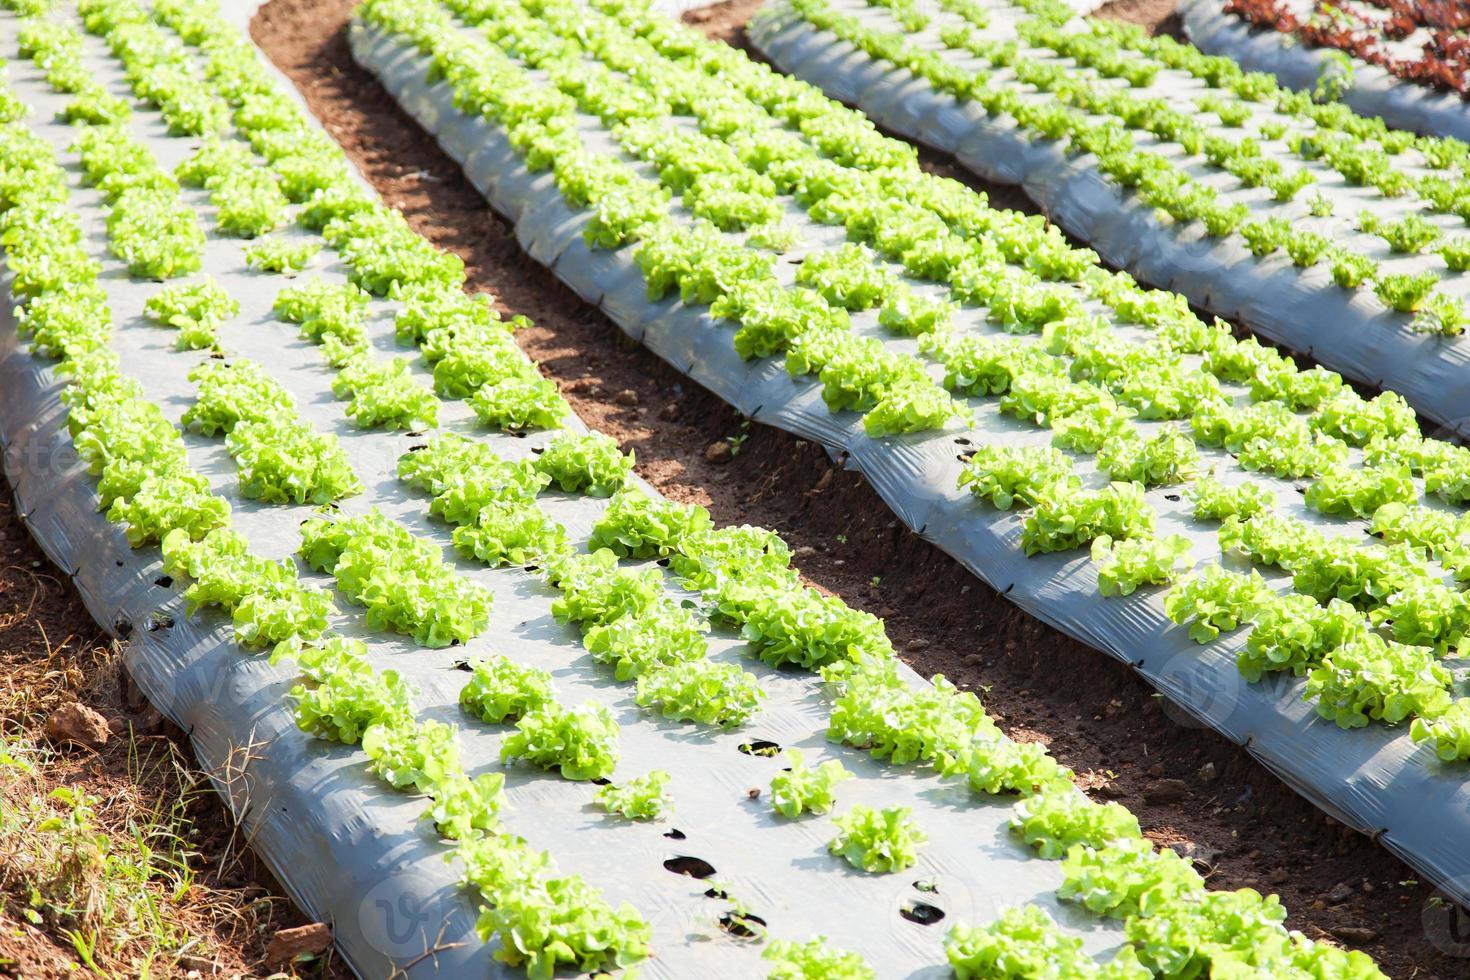 grönsaker planterade i tomter foto